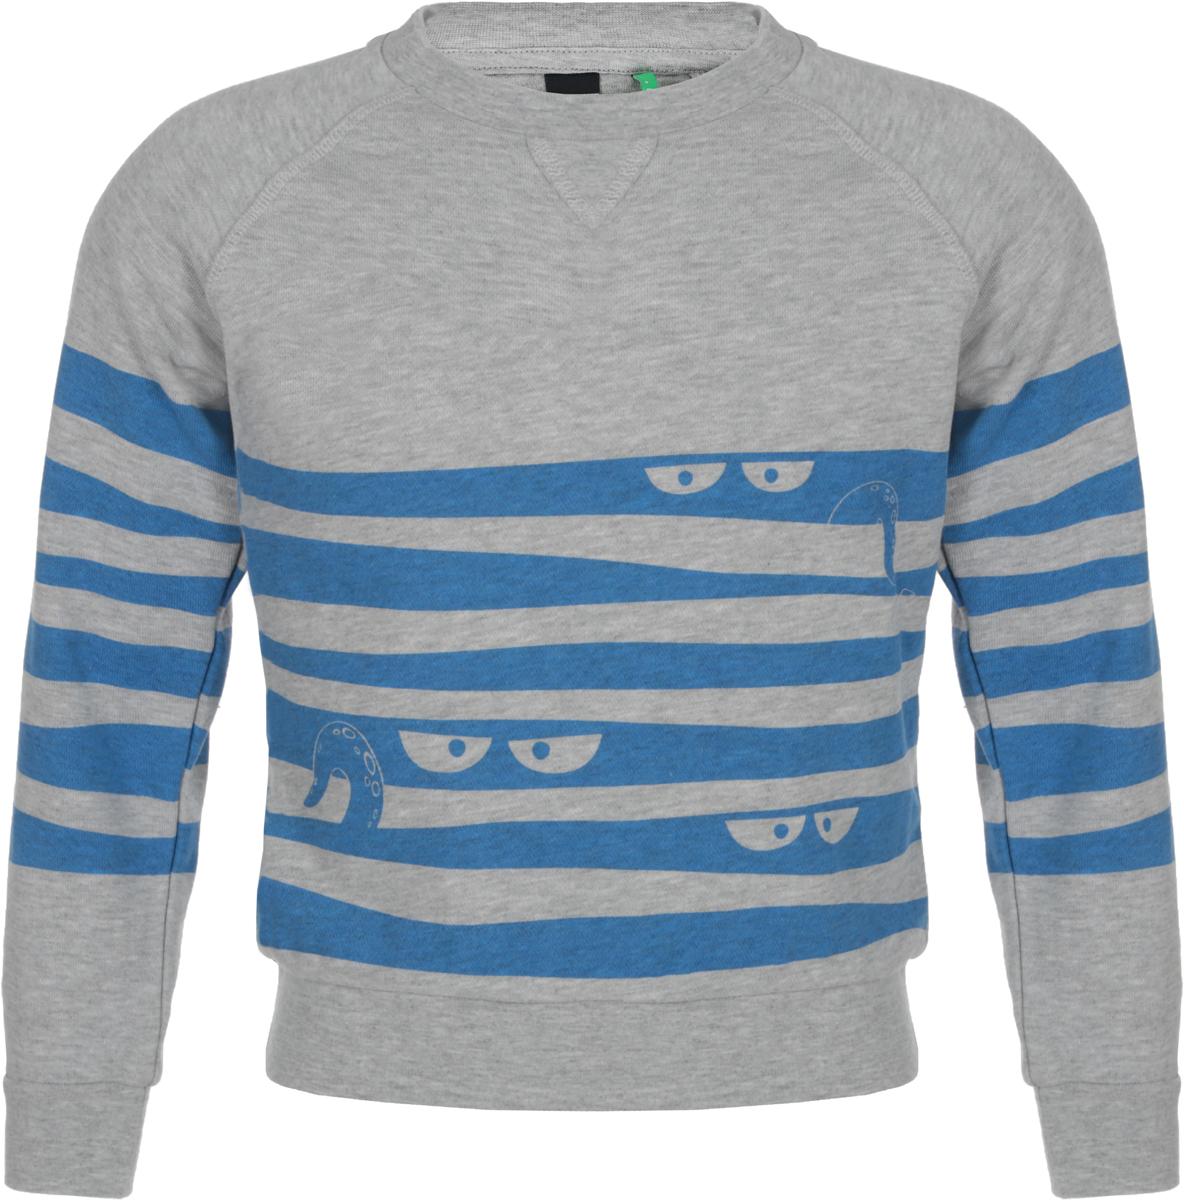 Джемпер для мальчика Sela, цвет: серый. St-713/096-8132. Размер 92St-713/096-8132